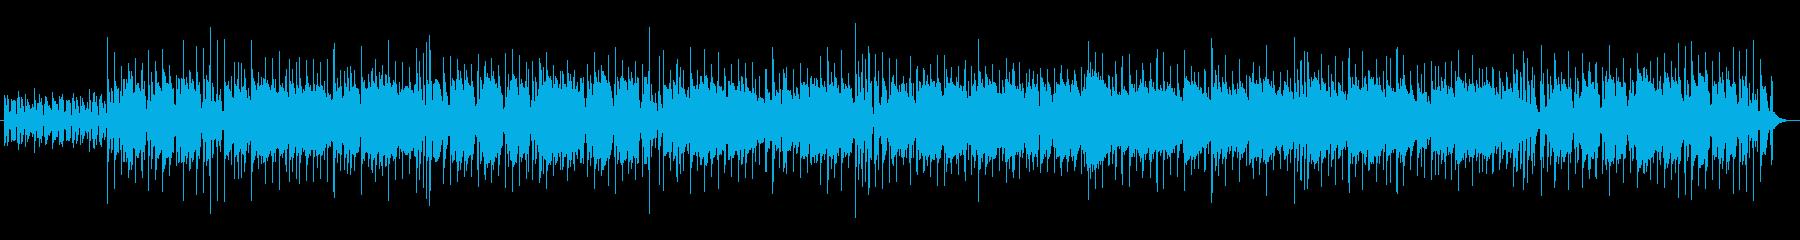 ピアノリフが印象的な都会的ポップの再生済みの波形